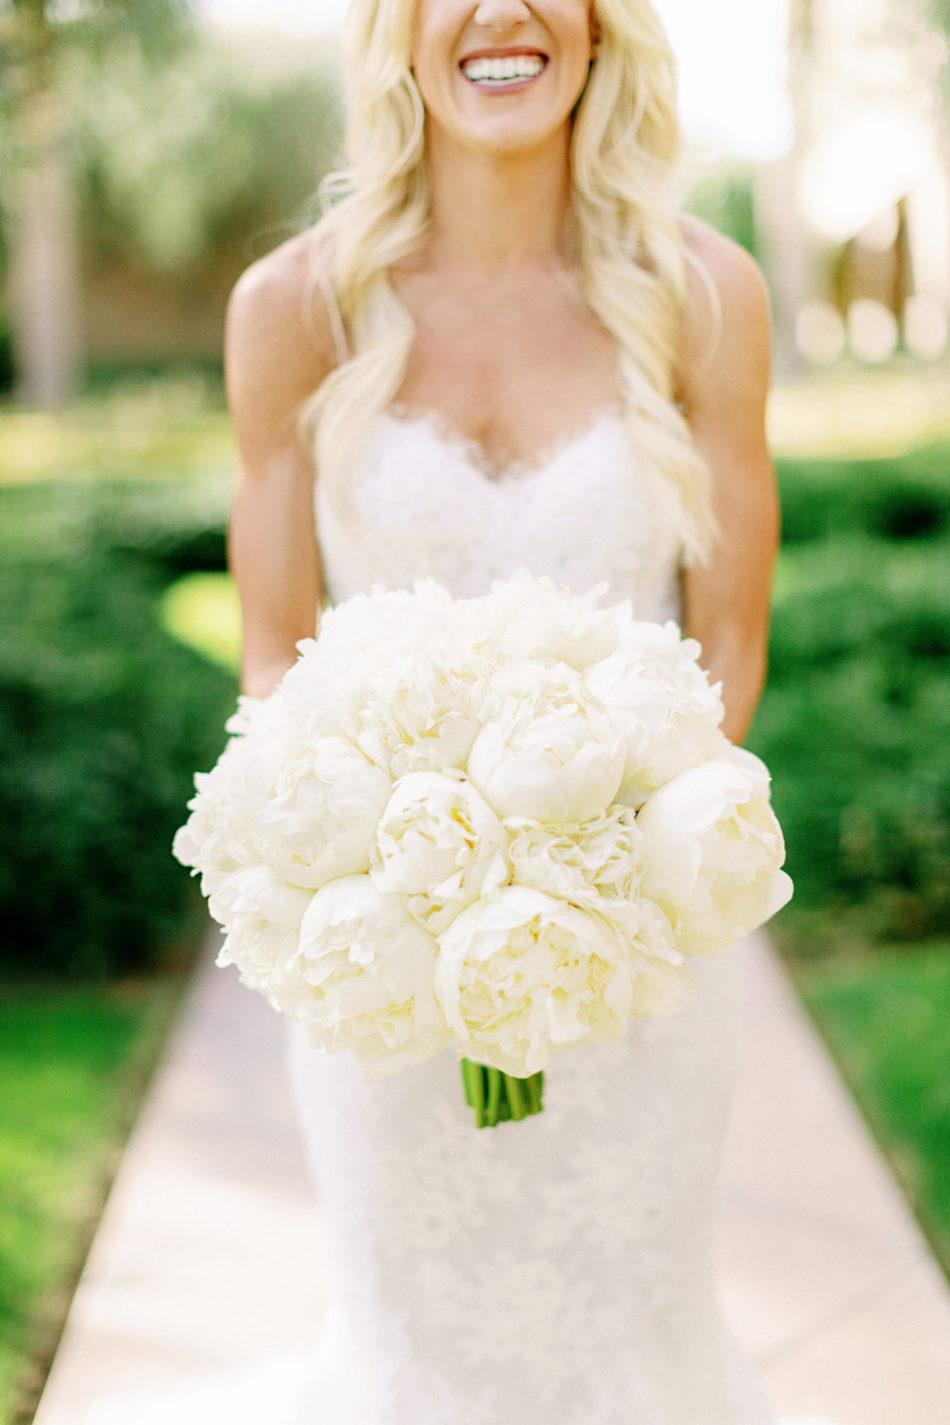 white bridal bouquet, white bouquet, exquisite white wedding, floral design, florist, wedding florist, wedding flowers, orange county weddings, orange county wedding florist, orange county florist, orange county floral design, flowers by cina